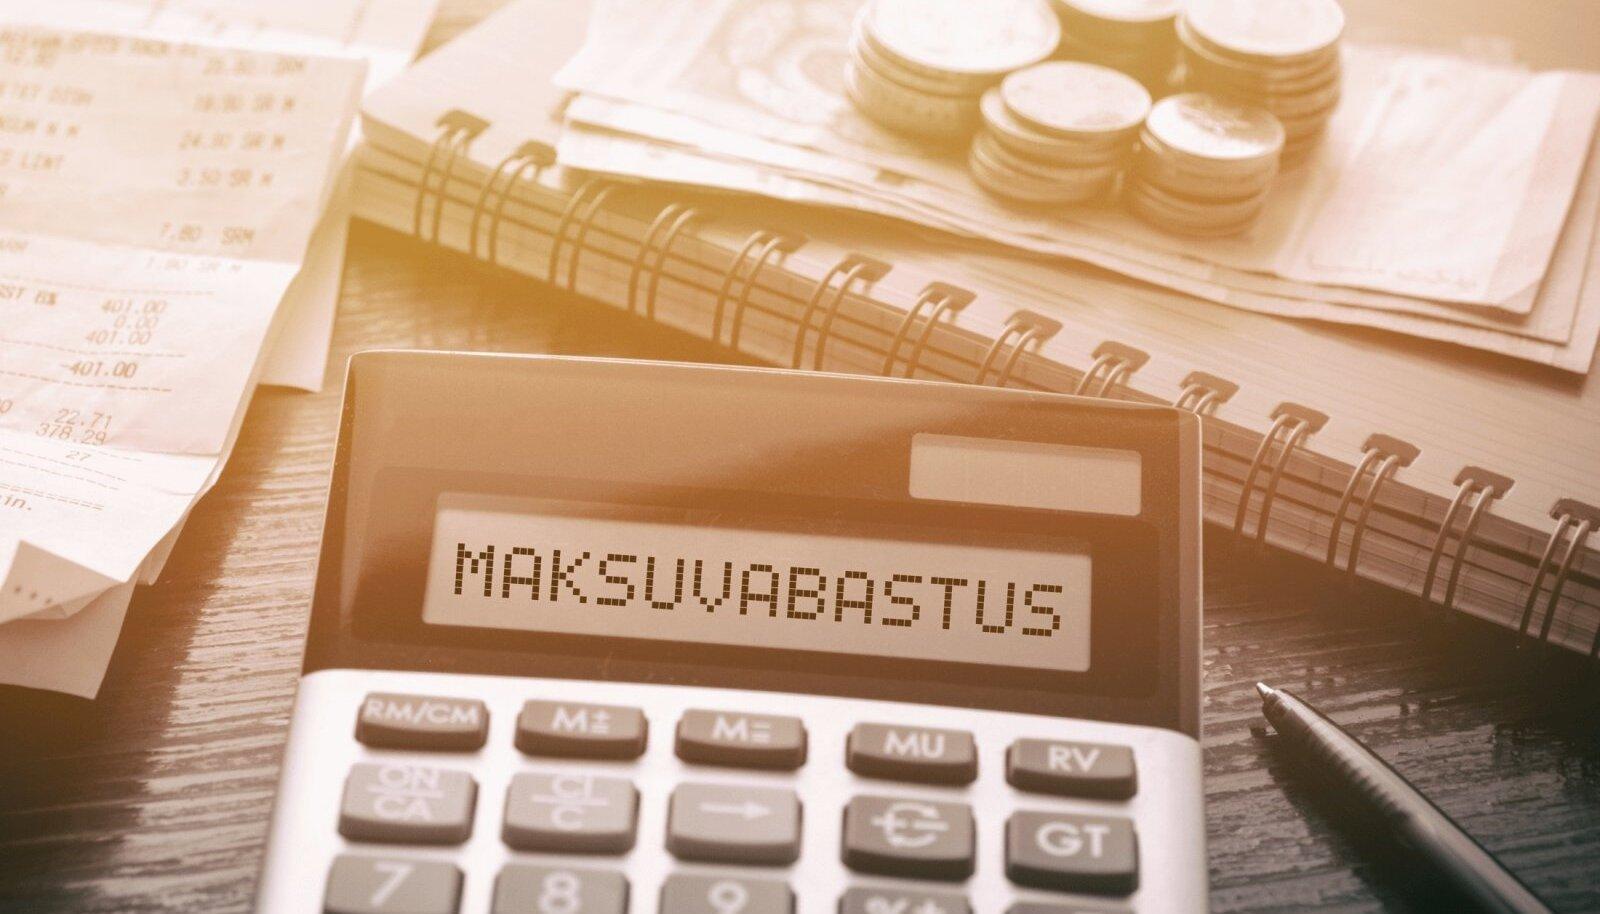 Maksuvabastuste aluseid ei tohiks luua kunstlikult, sest sellisel juhul tuleb maksueelis koos intressidega tagasi maksta.